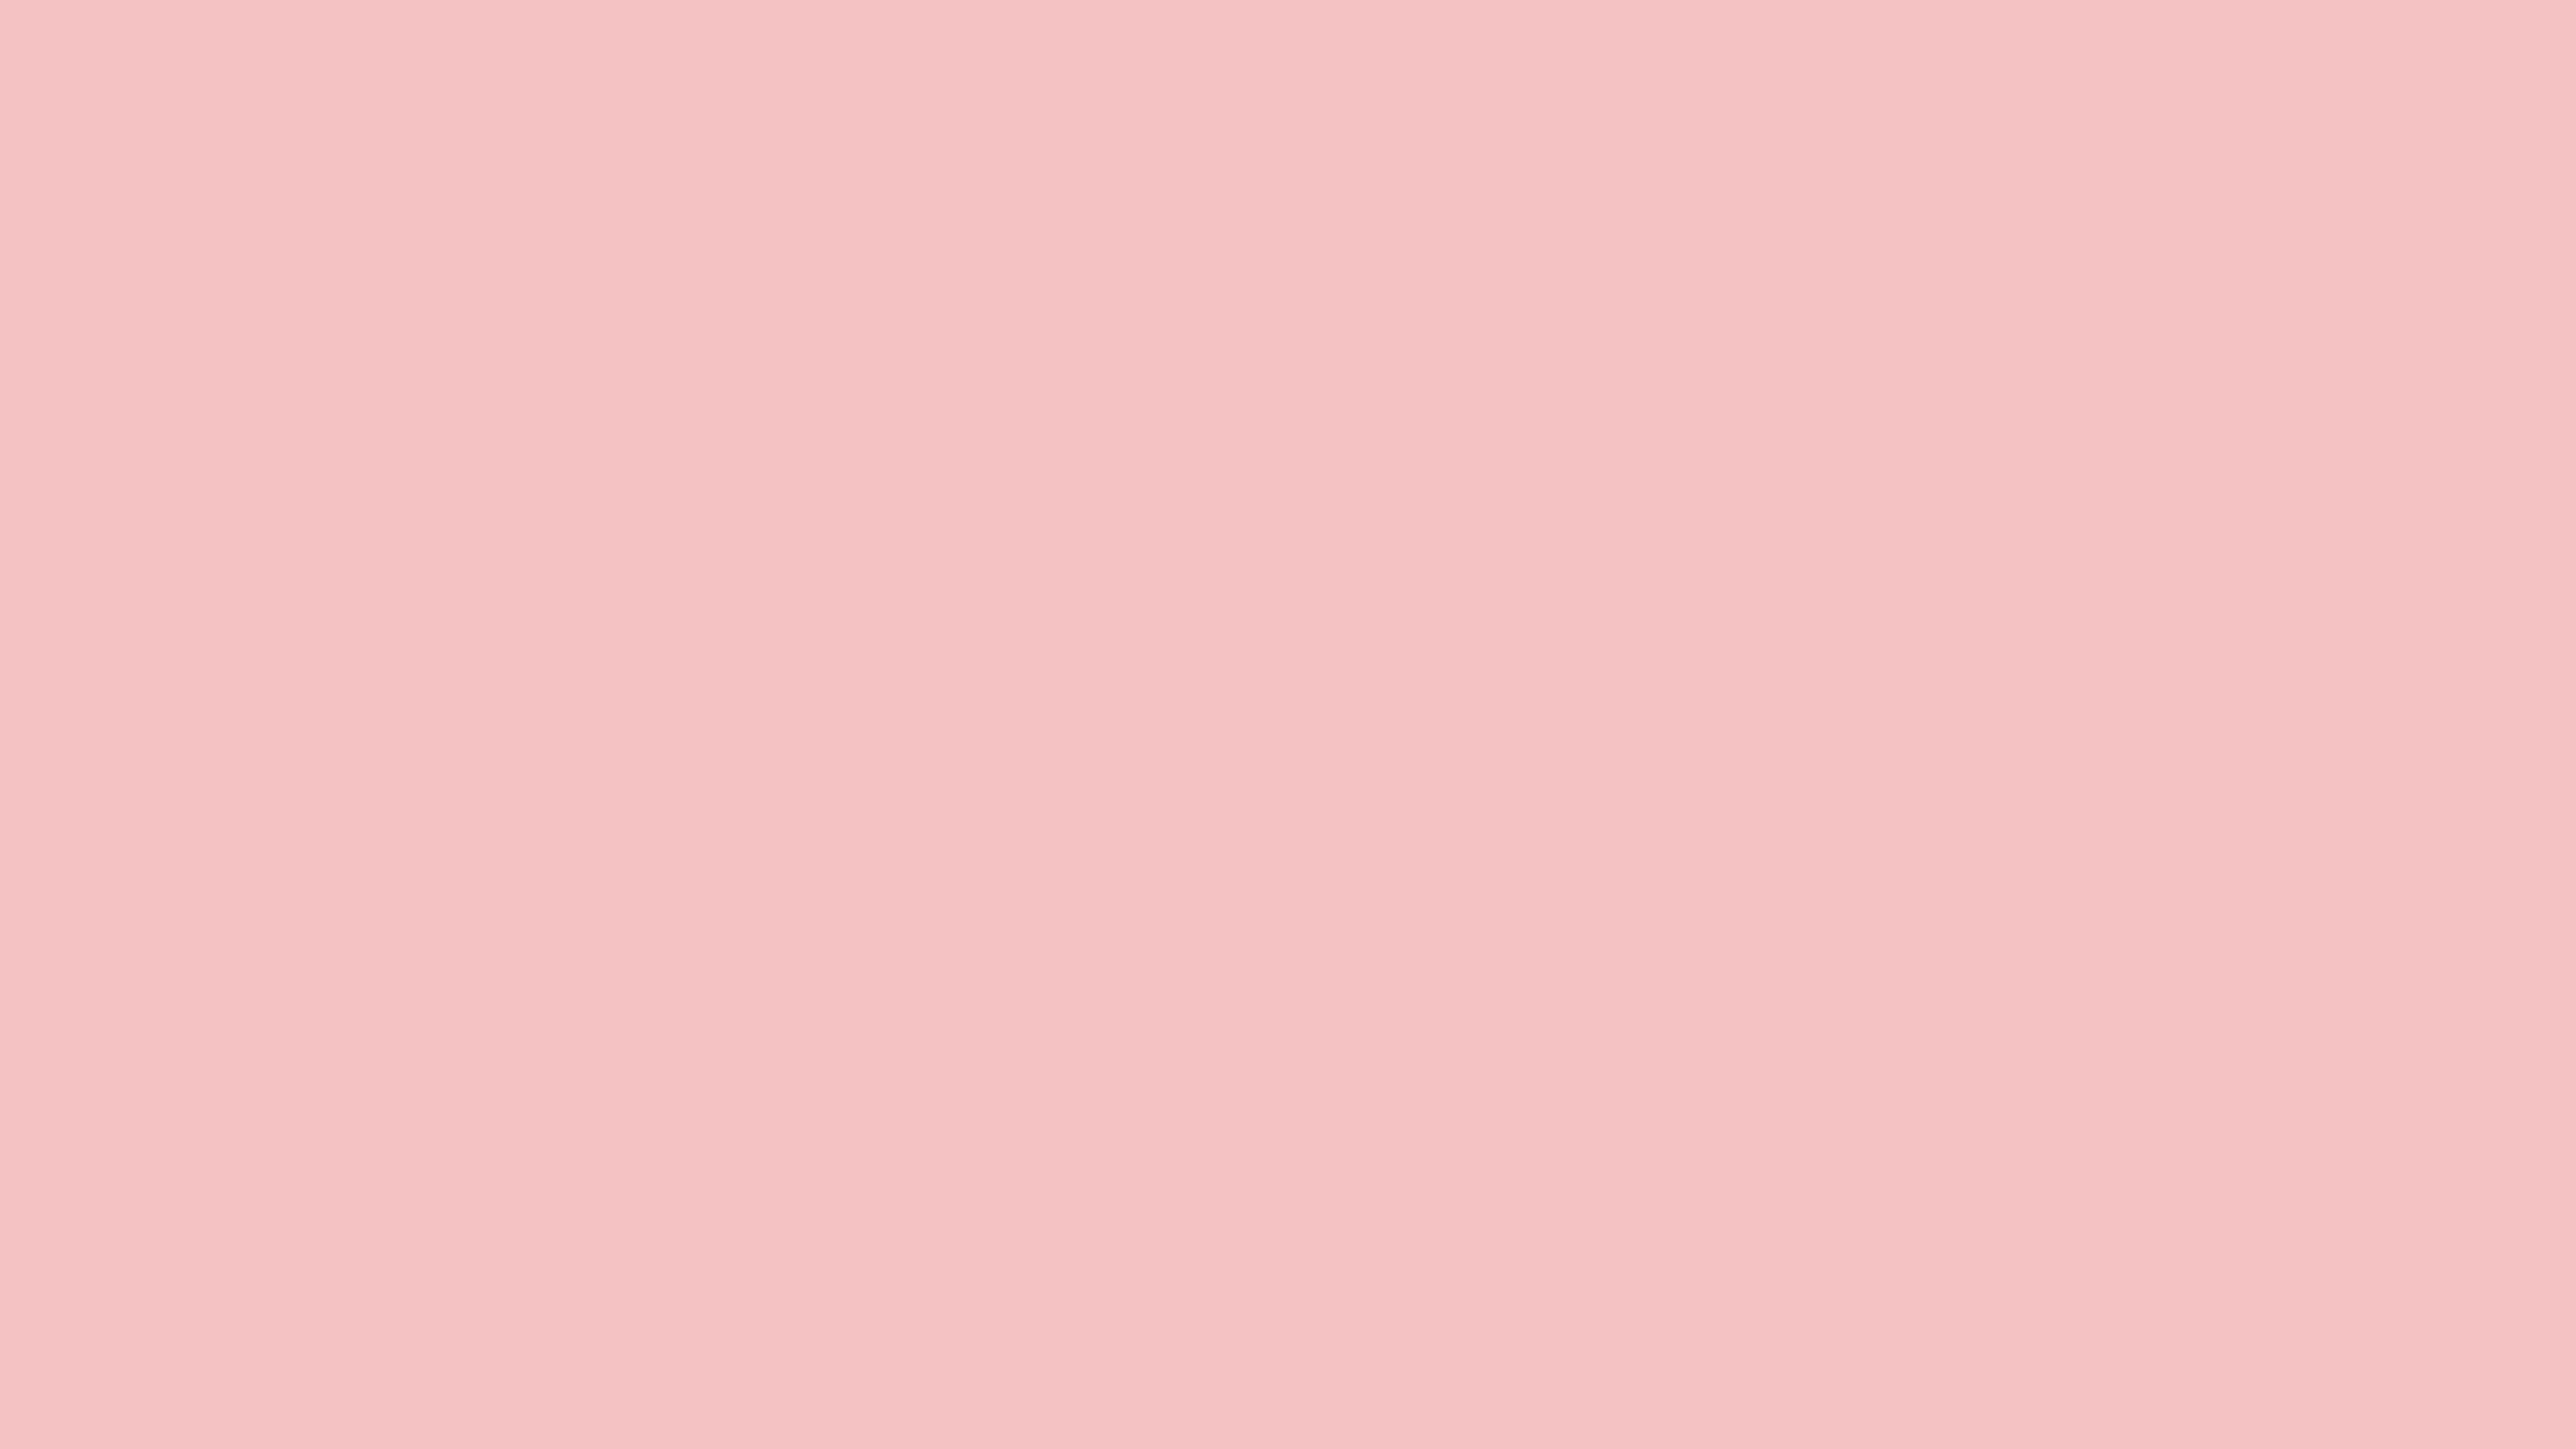 5120x2880 Tea Rose Rose Solid Color Background